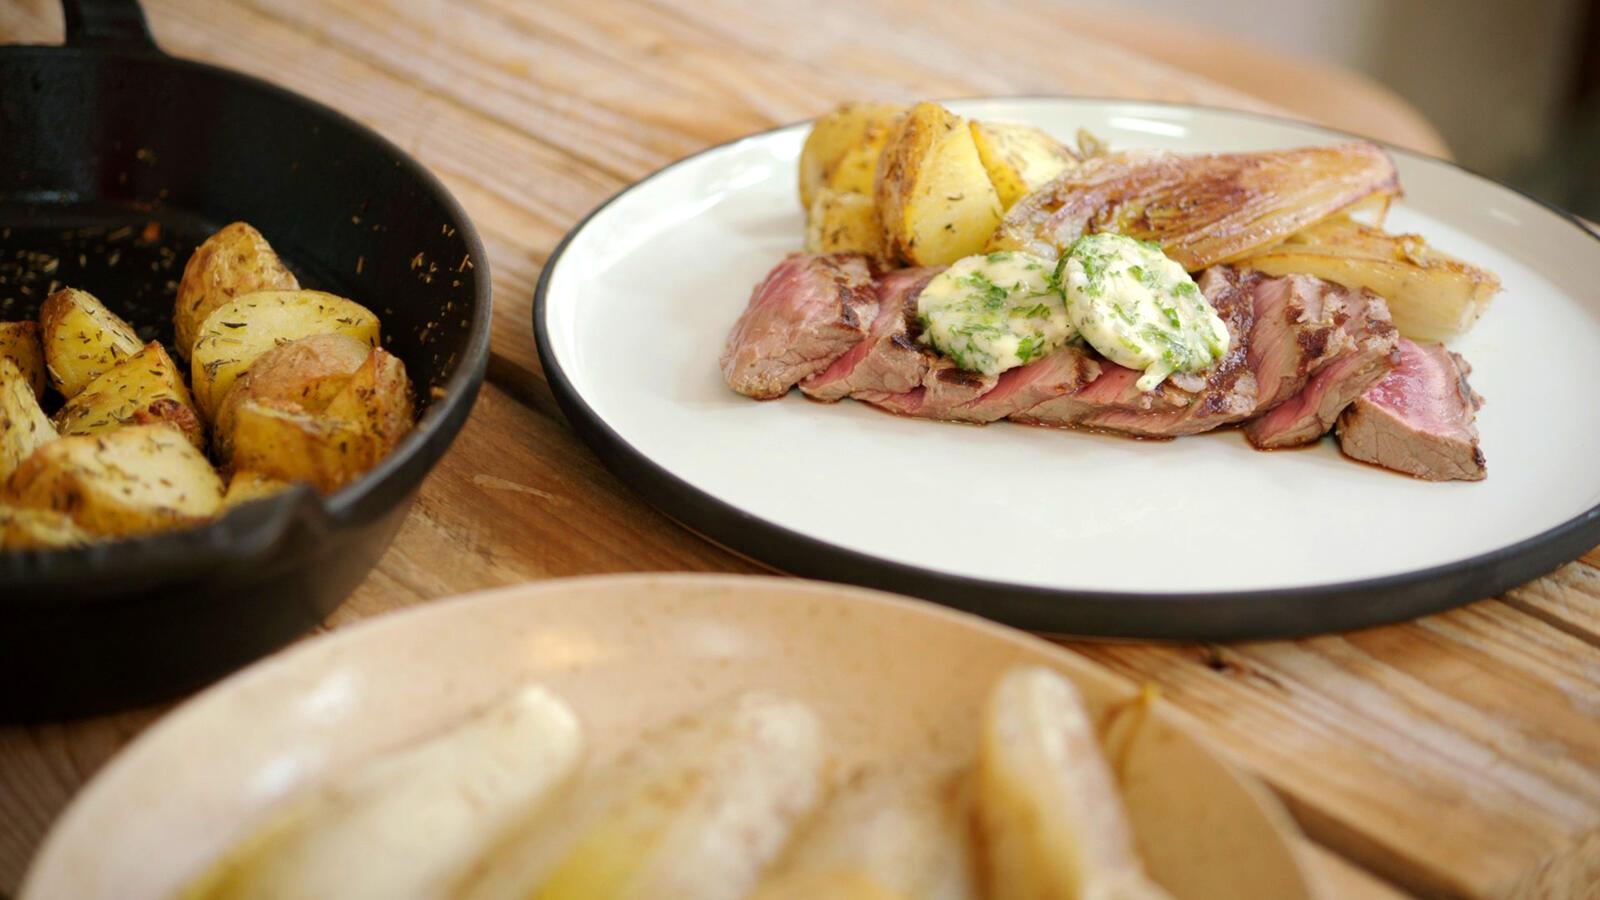 Steak met geroosterde aardappelen, witloof en bearnaiseboter